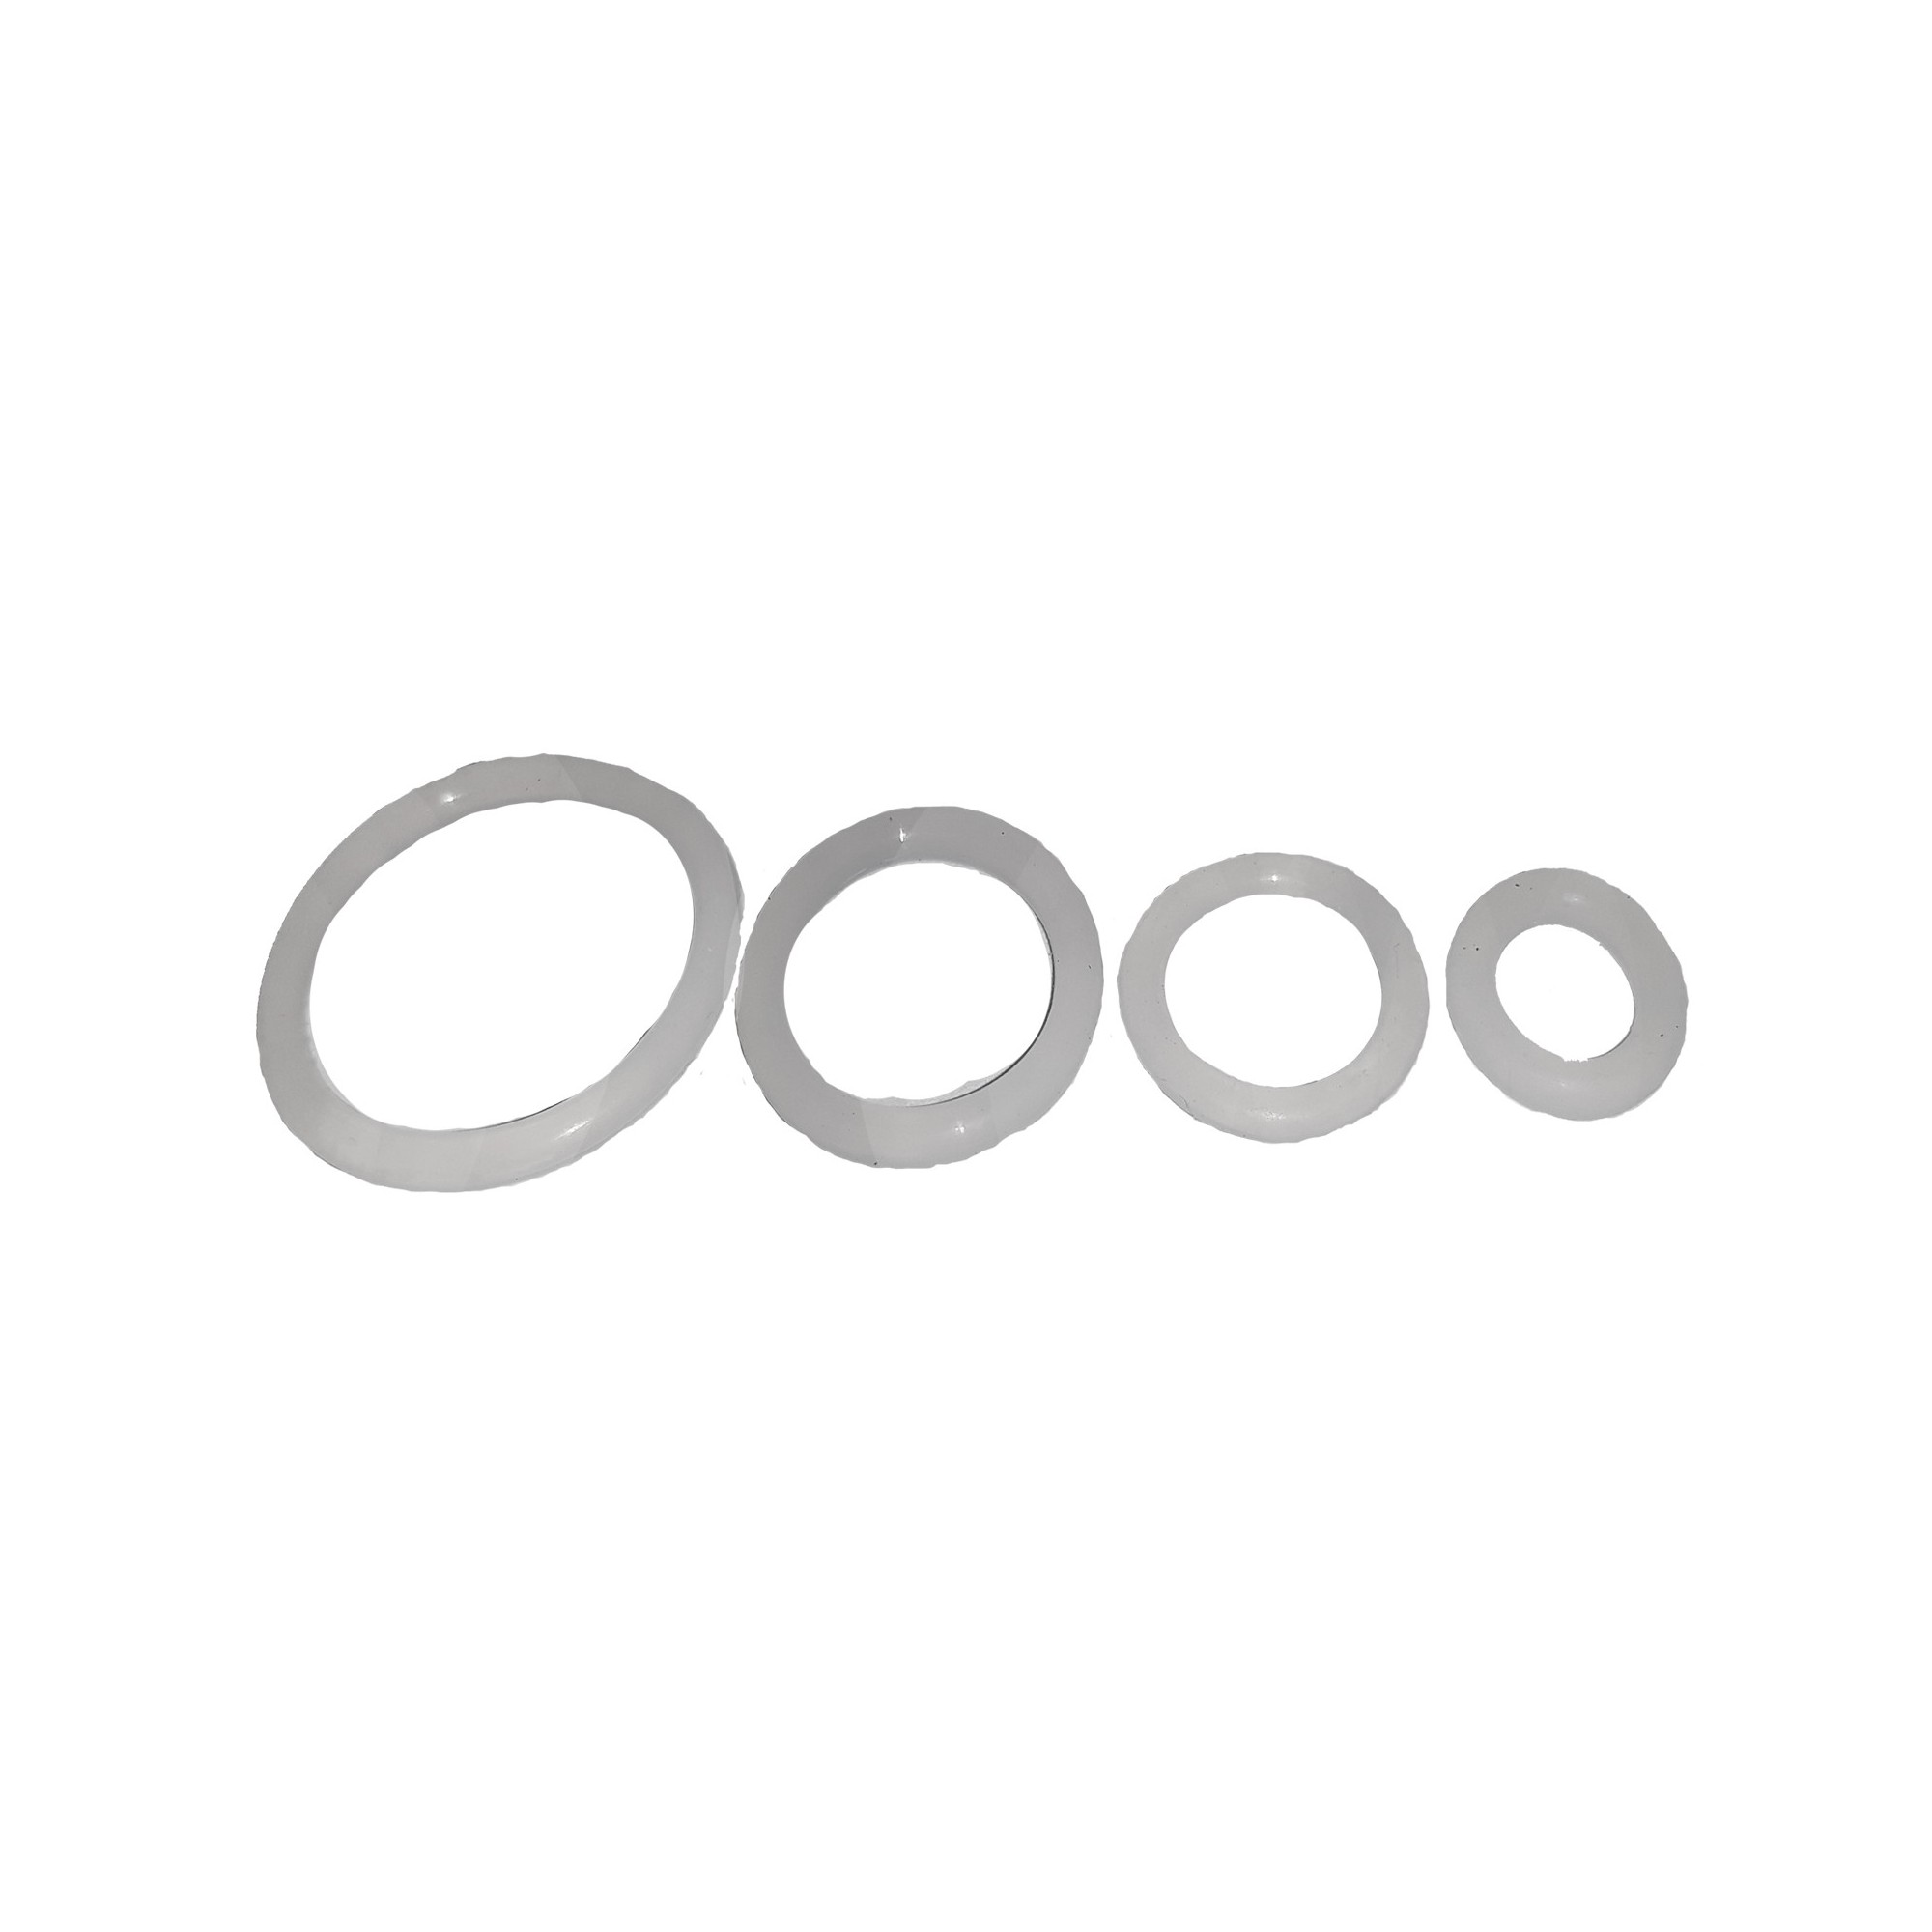 Упаковка колец силиконовых 100 шт пищевых термостойких 5мм*8мм*1.5мм J.G. - 1